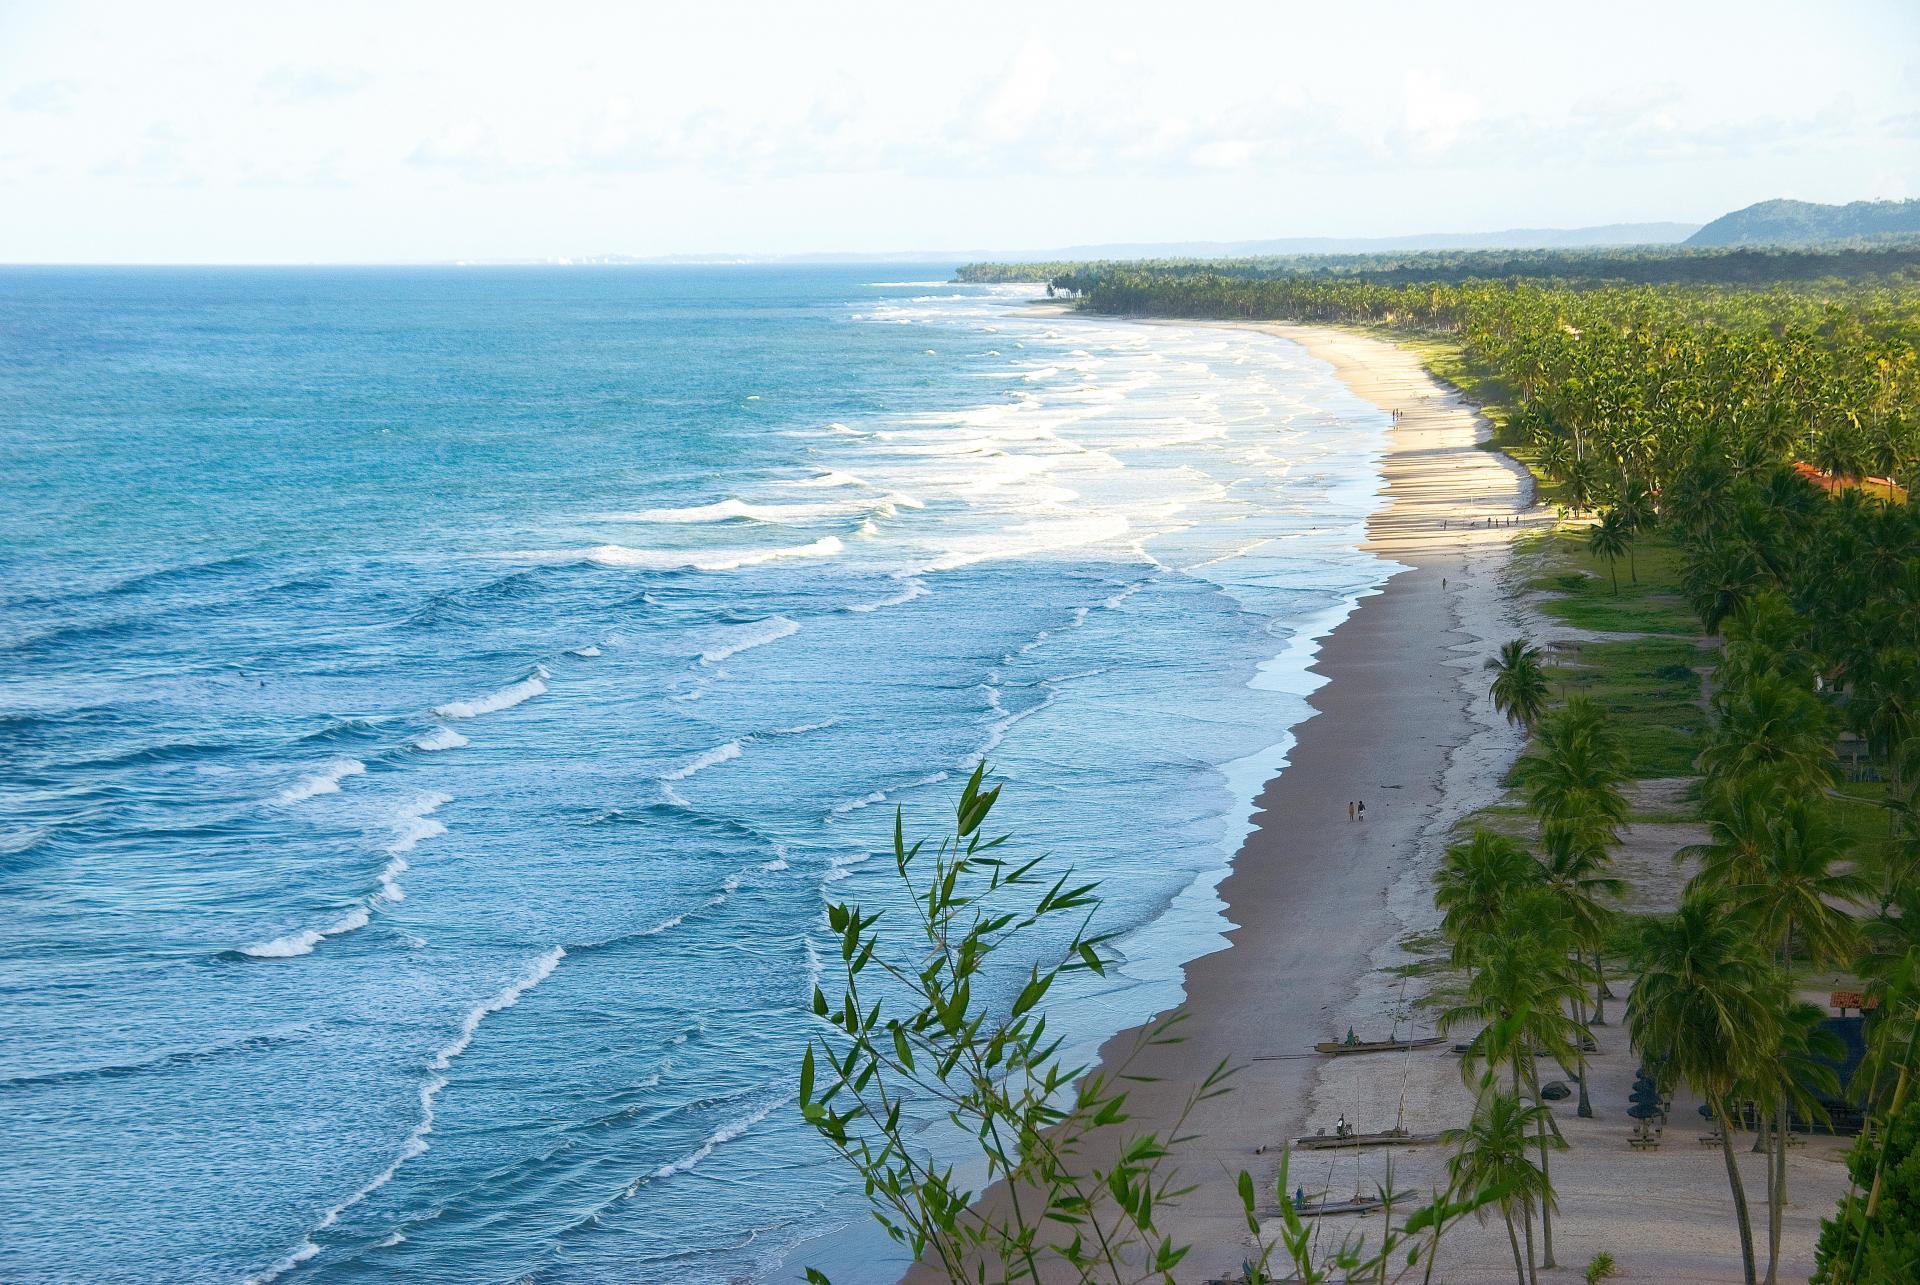 View overlooking beach in Itacare, Brazil